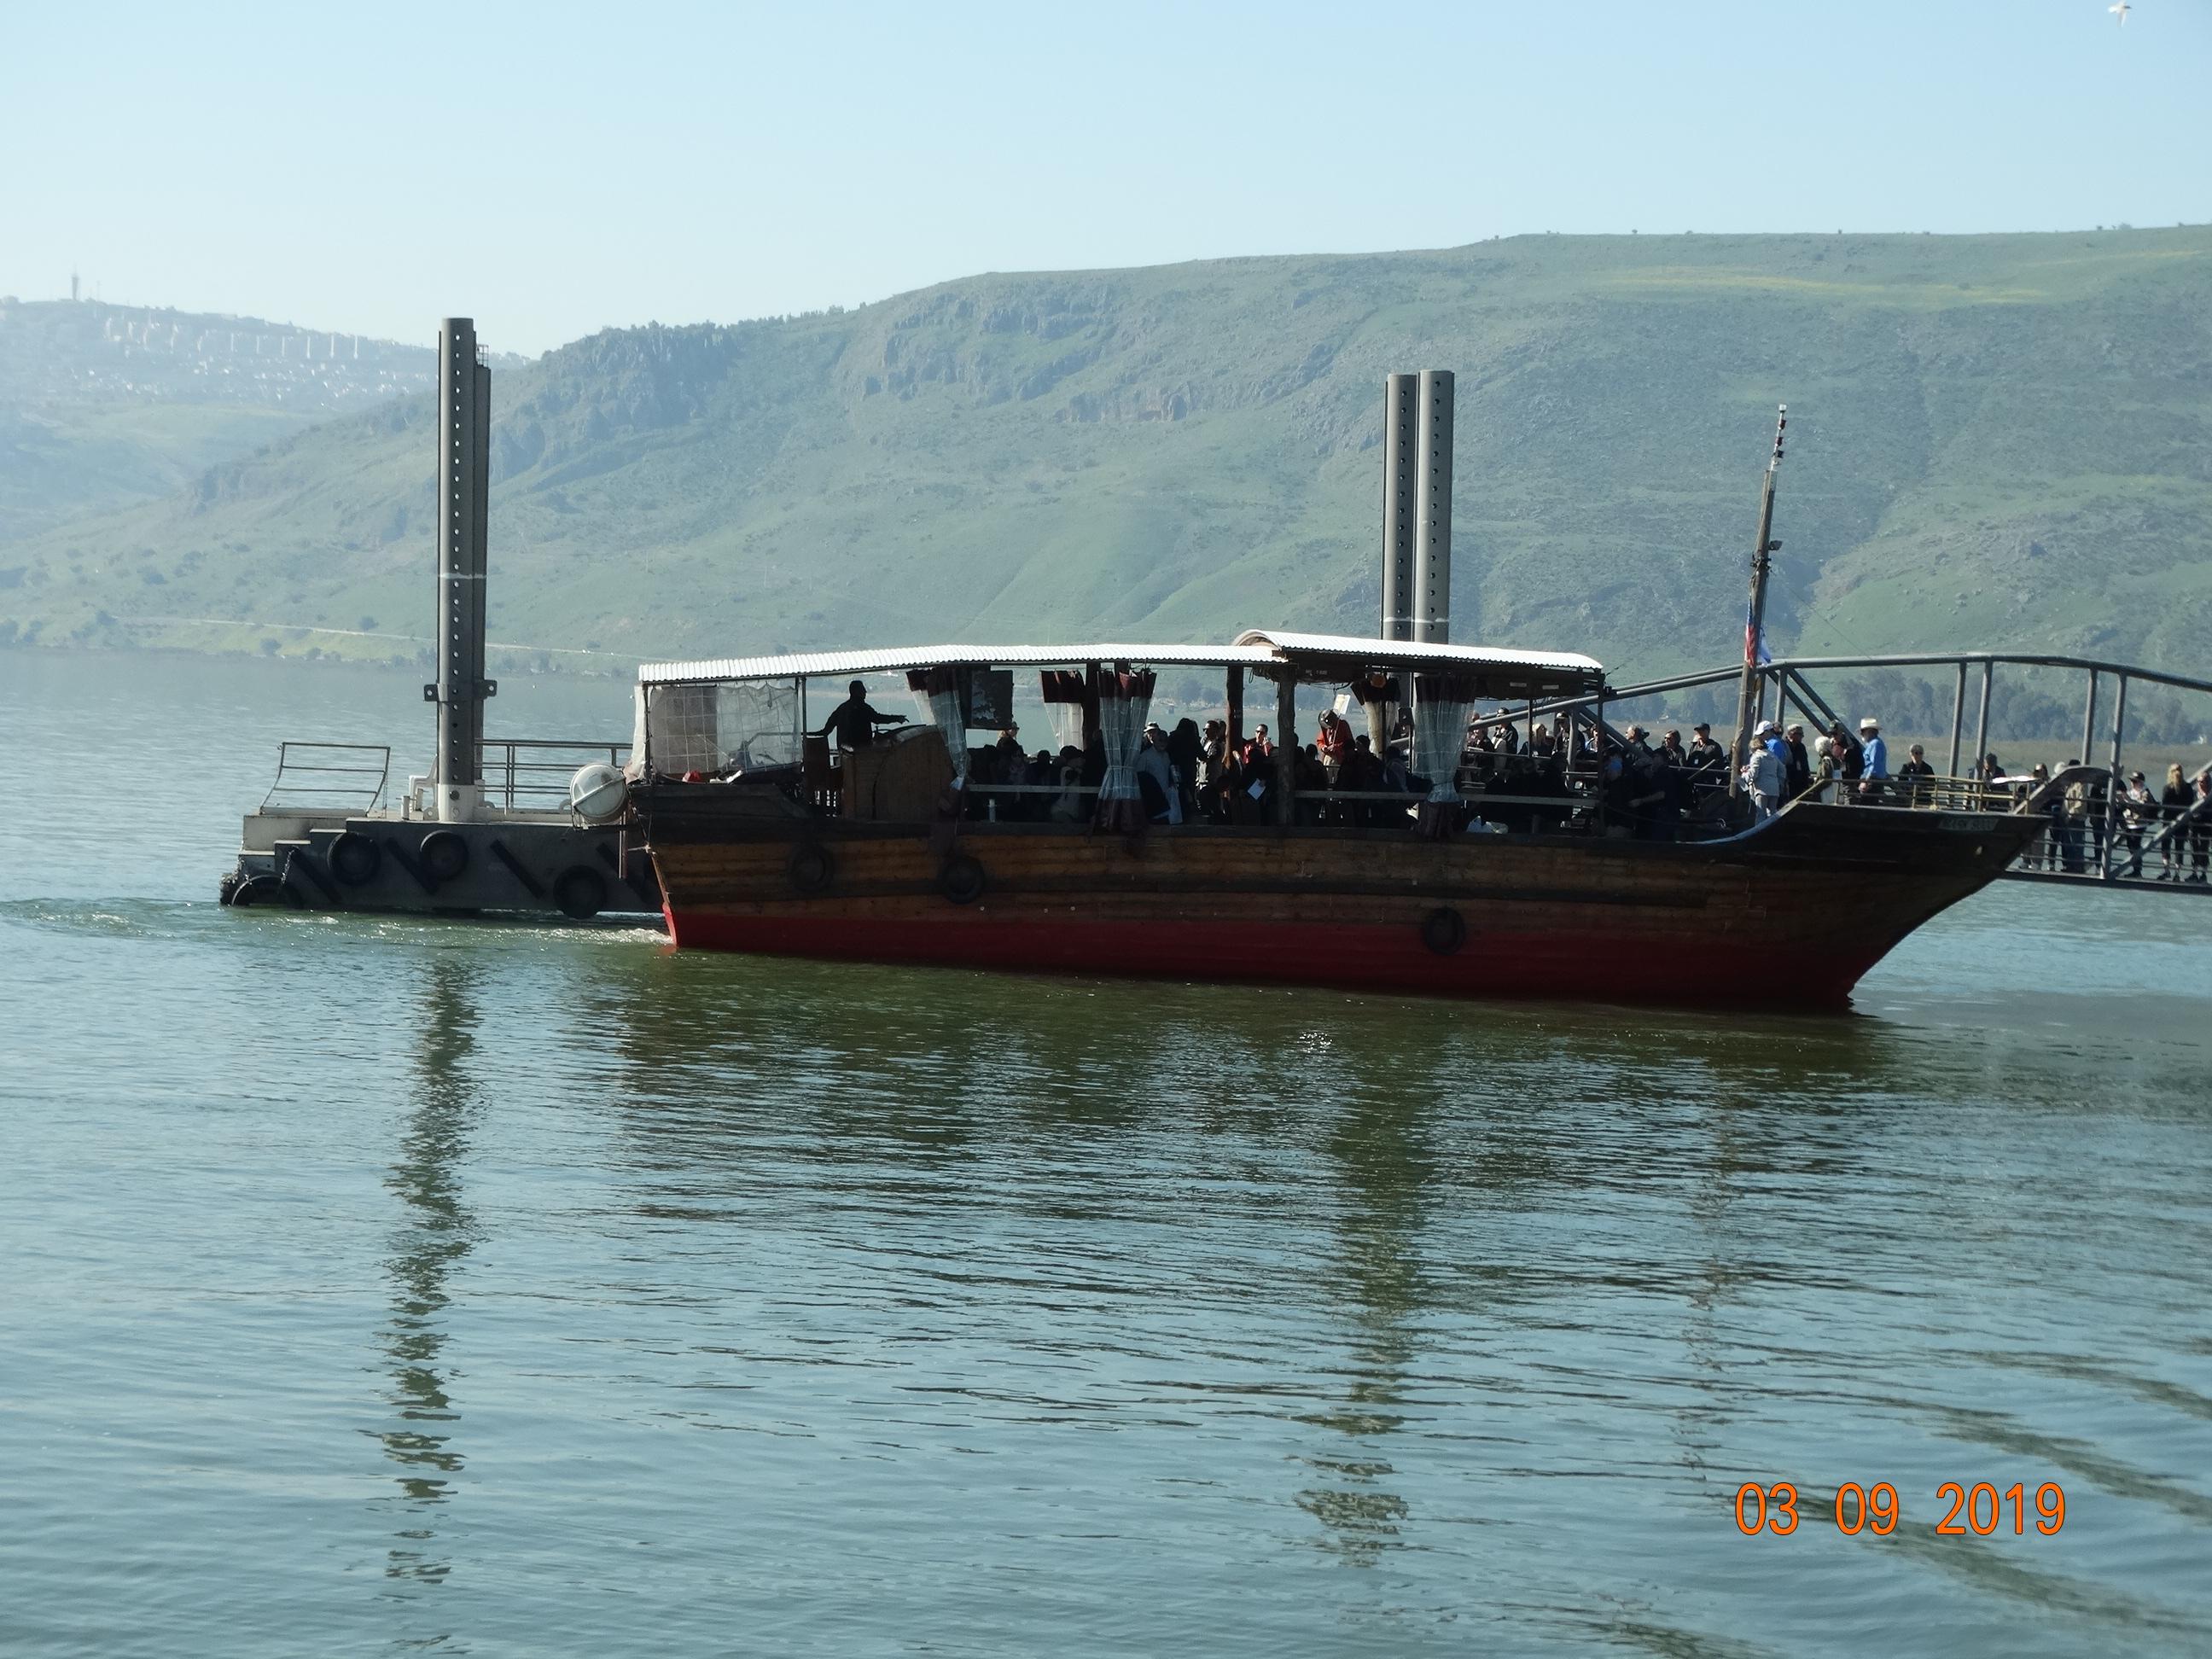 Modern boat on the Sea of Galilee (Tiberius)